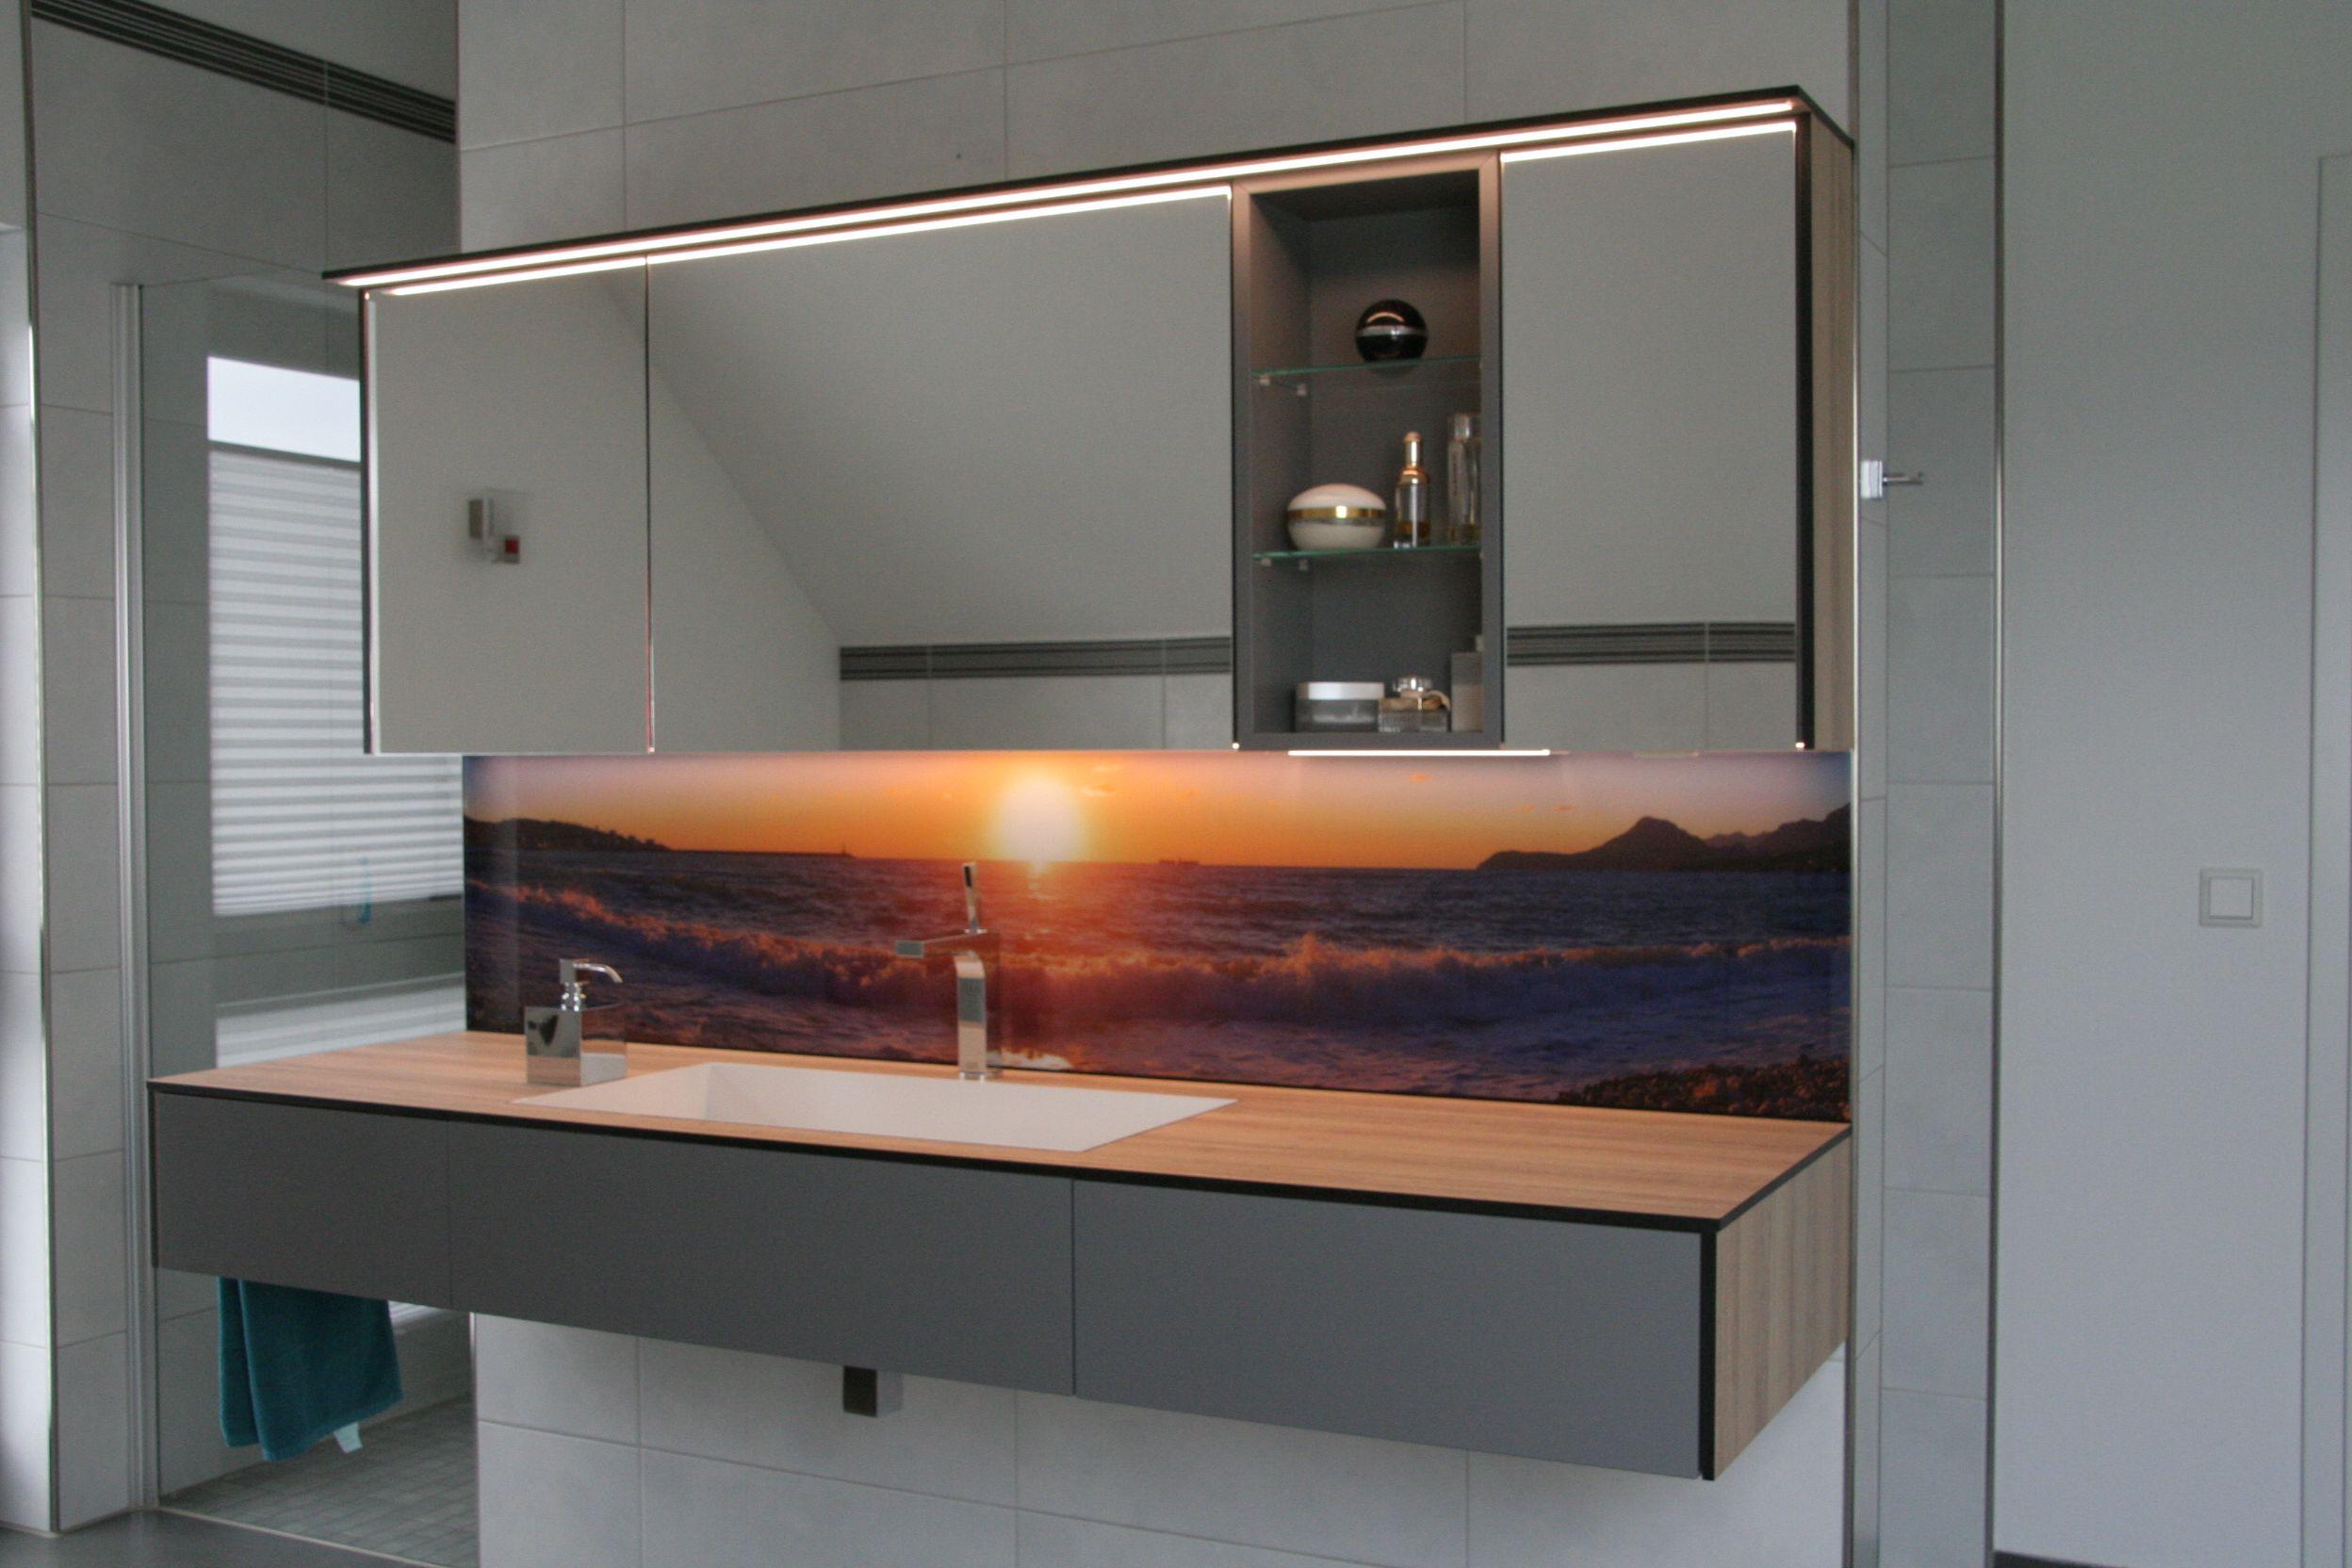 Rückwand badezimmer ~ Badezimmer ideen: waschtischunterschrank mit eingelassenem